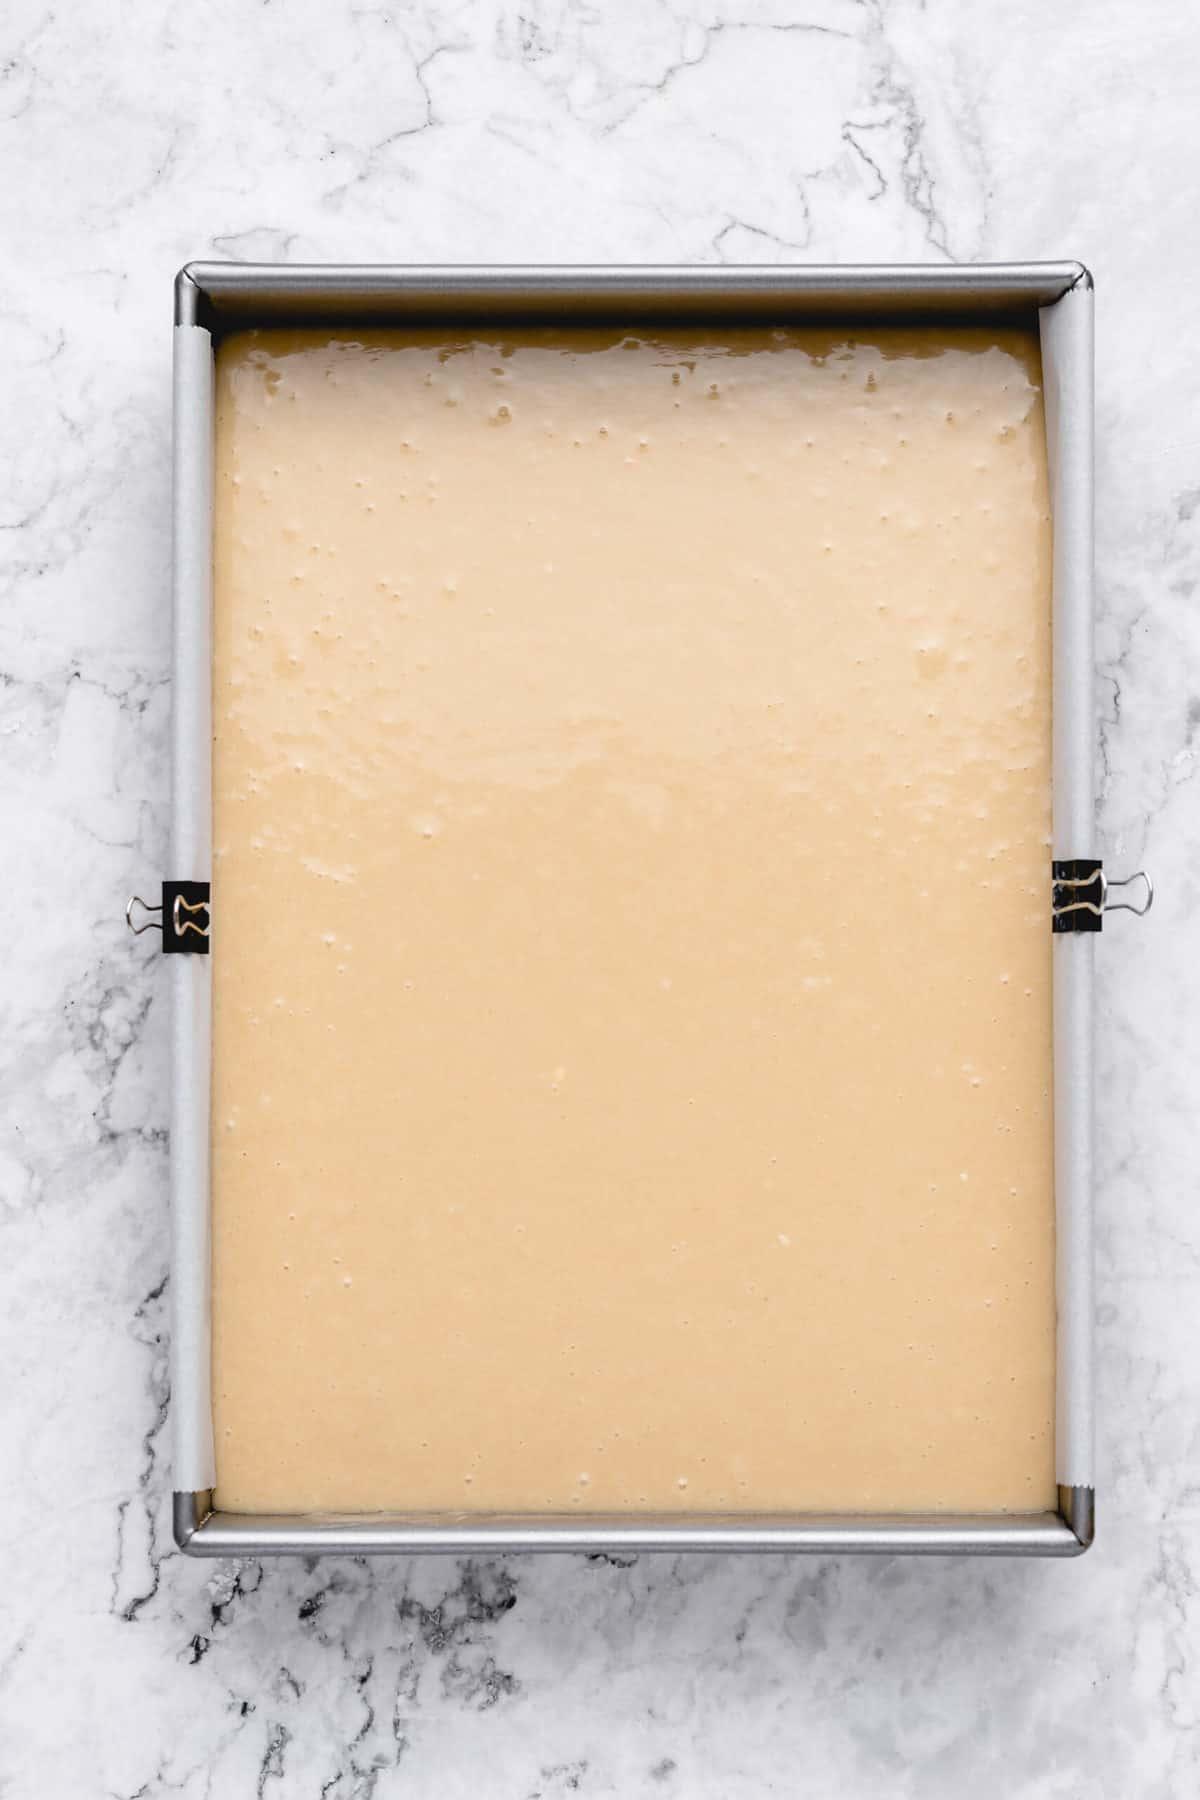 Cake batter in a sheet pan.